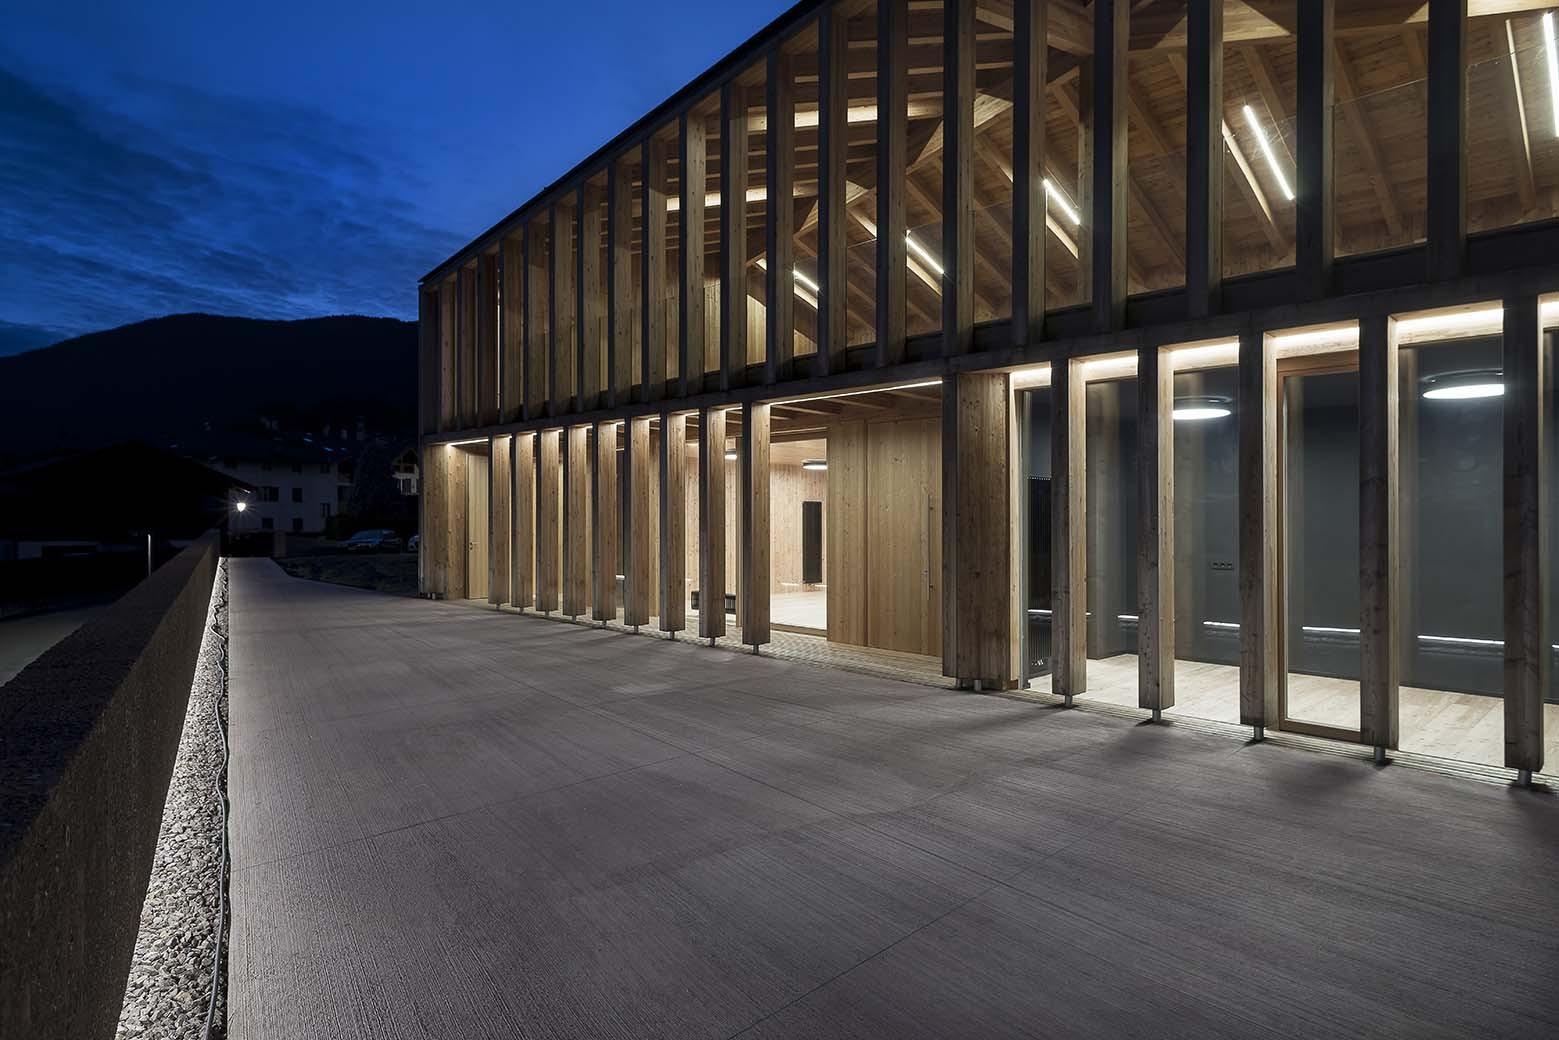 Gallery of new social home of caltron mirko franzoso 11 for Case di architettura e design